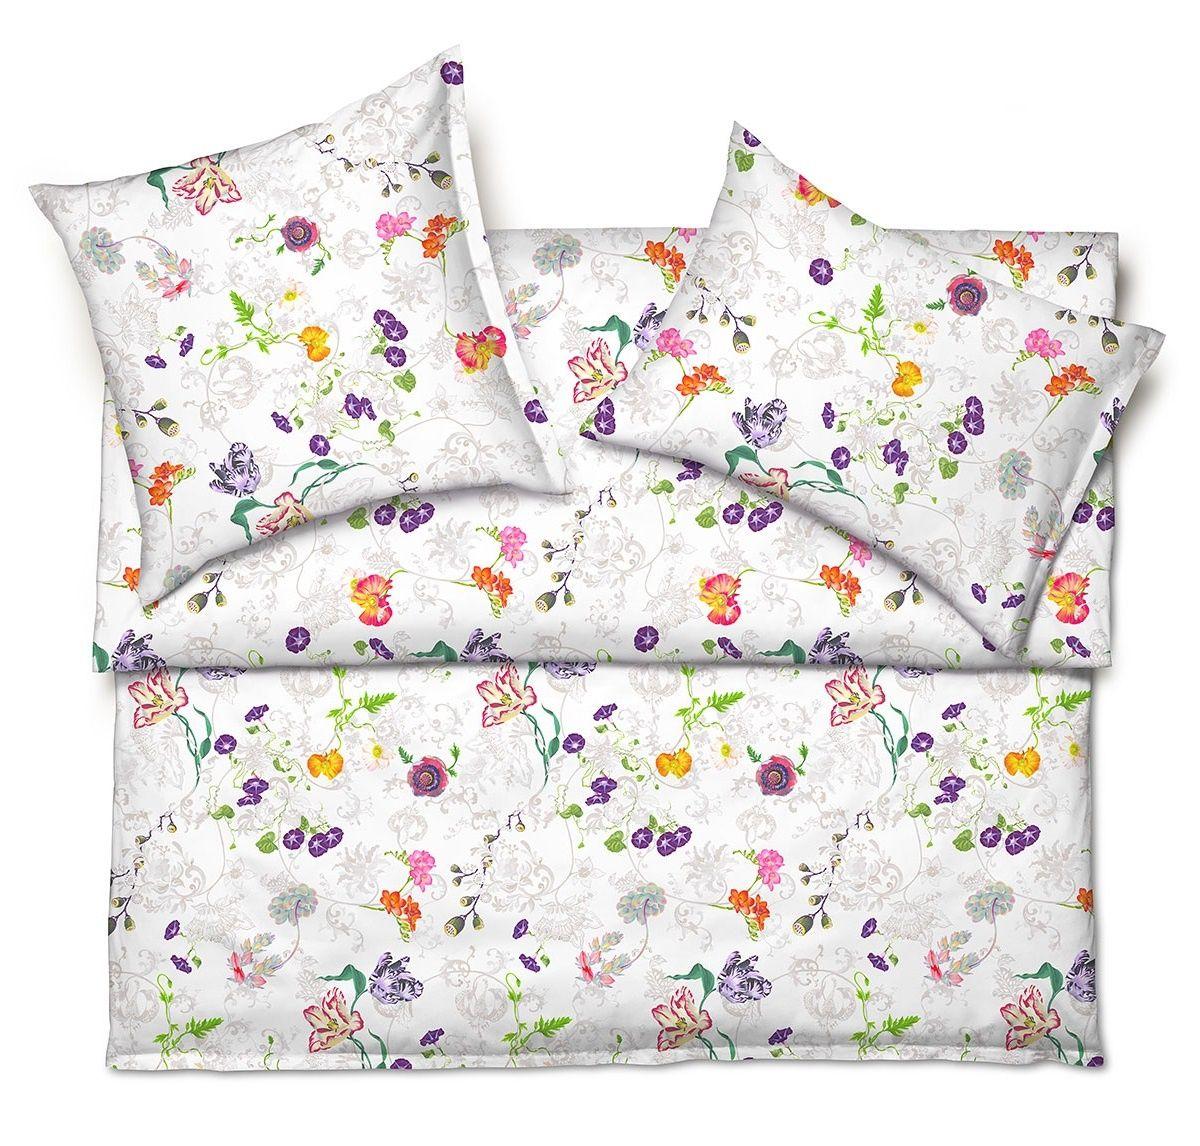 Schlossberg Bettwasche Elena Blanc Linen Bedding Bed Home